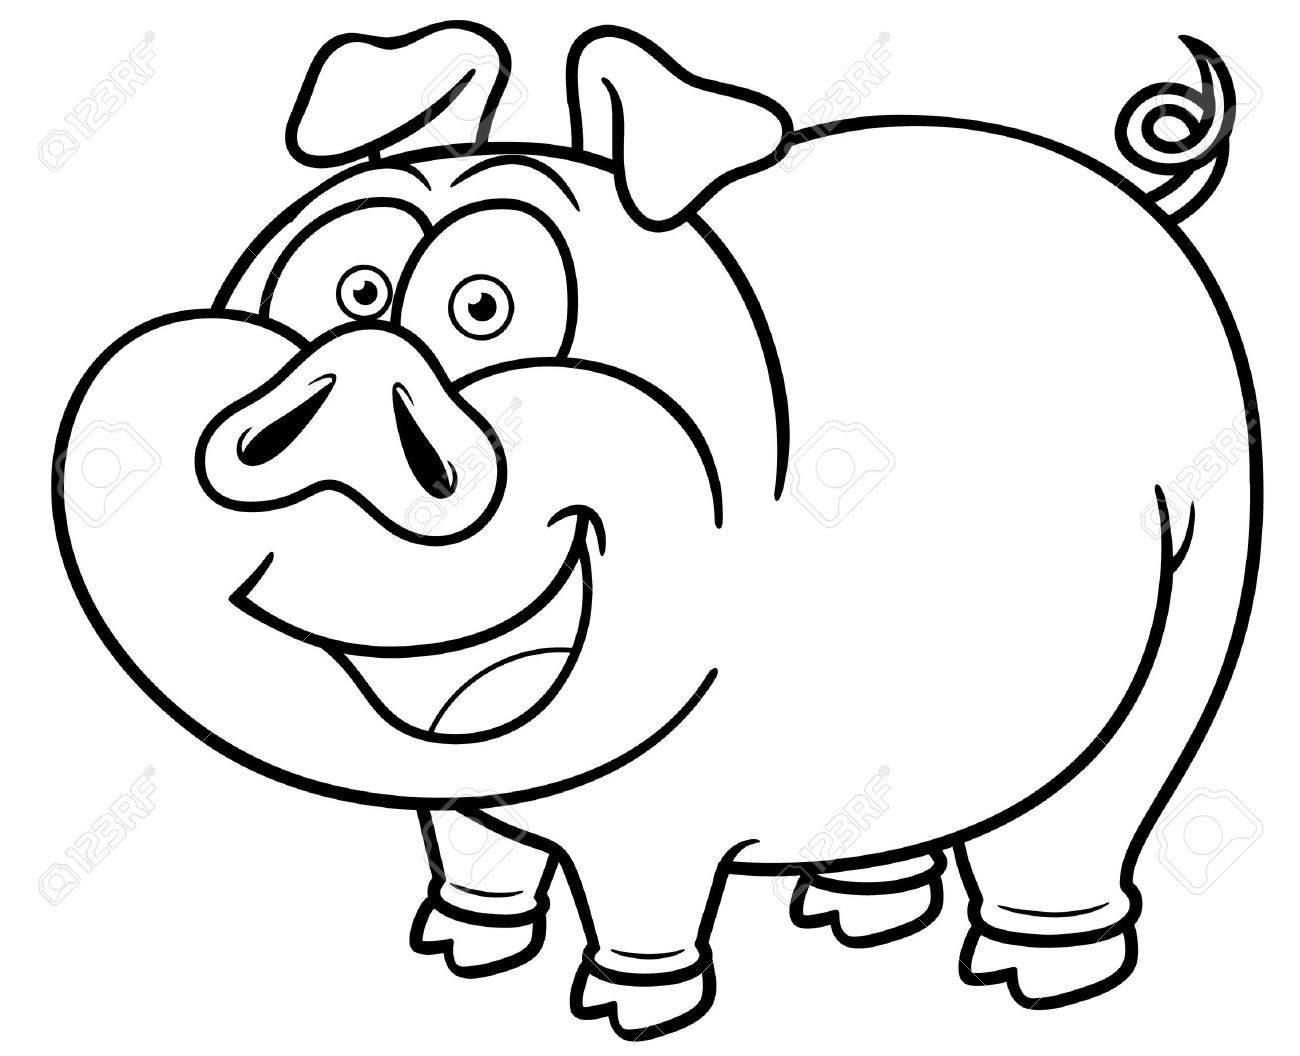 Ilustracion Vectorial De Dibujos Animados De Cerdo Libro Para